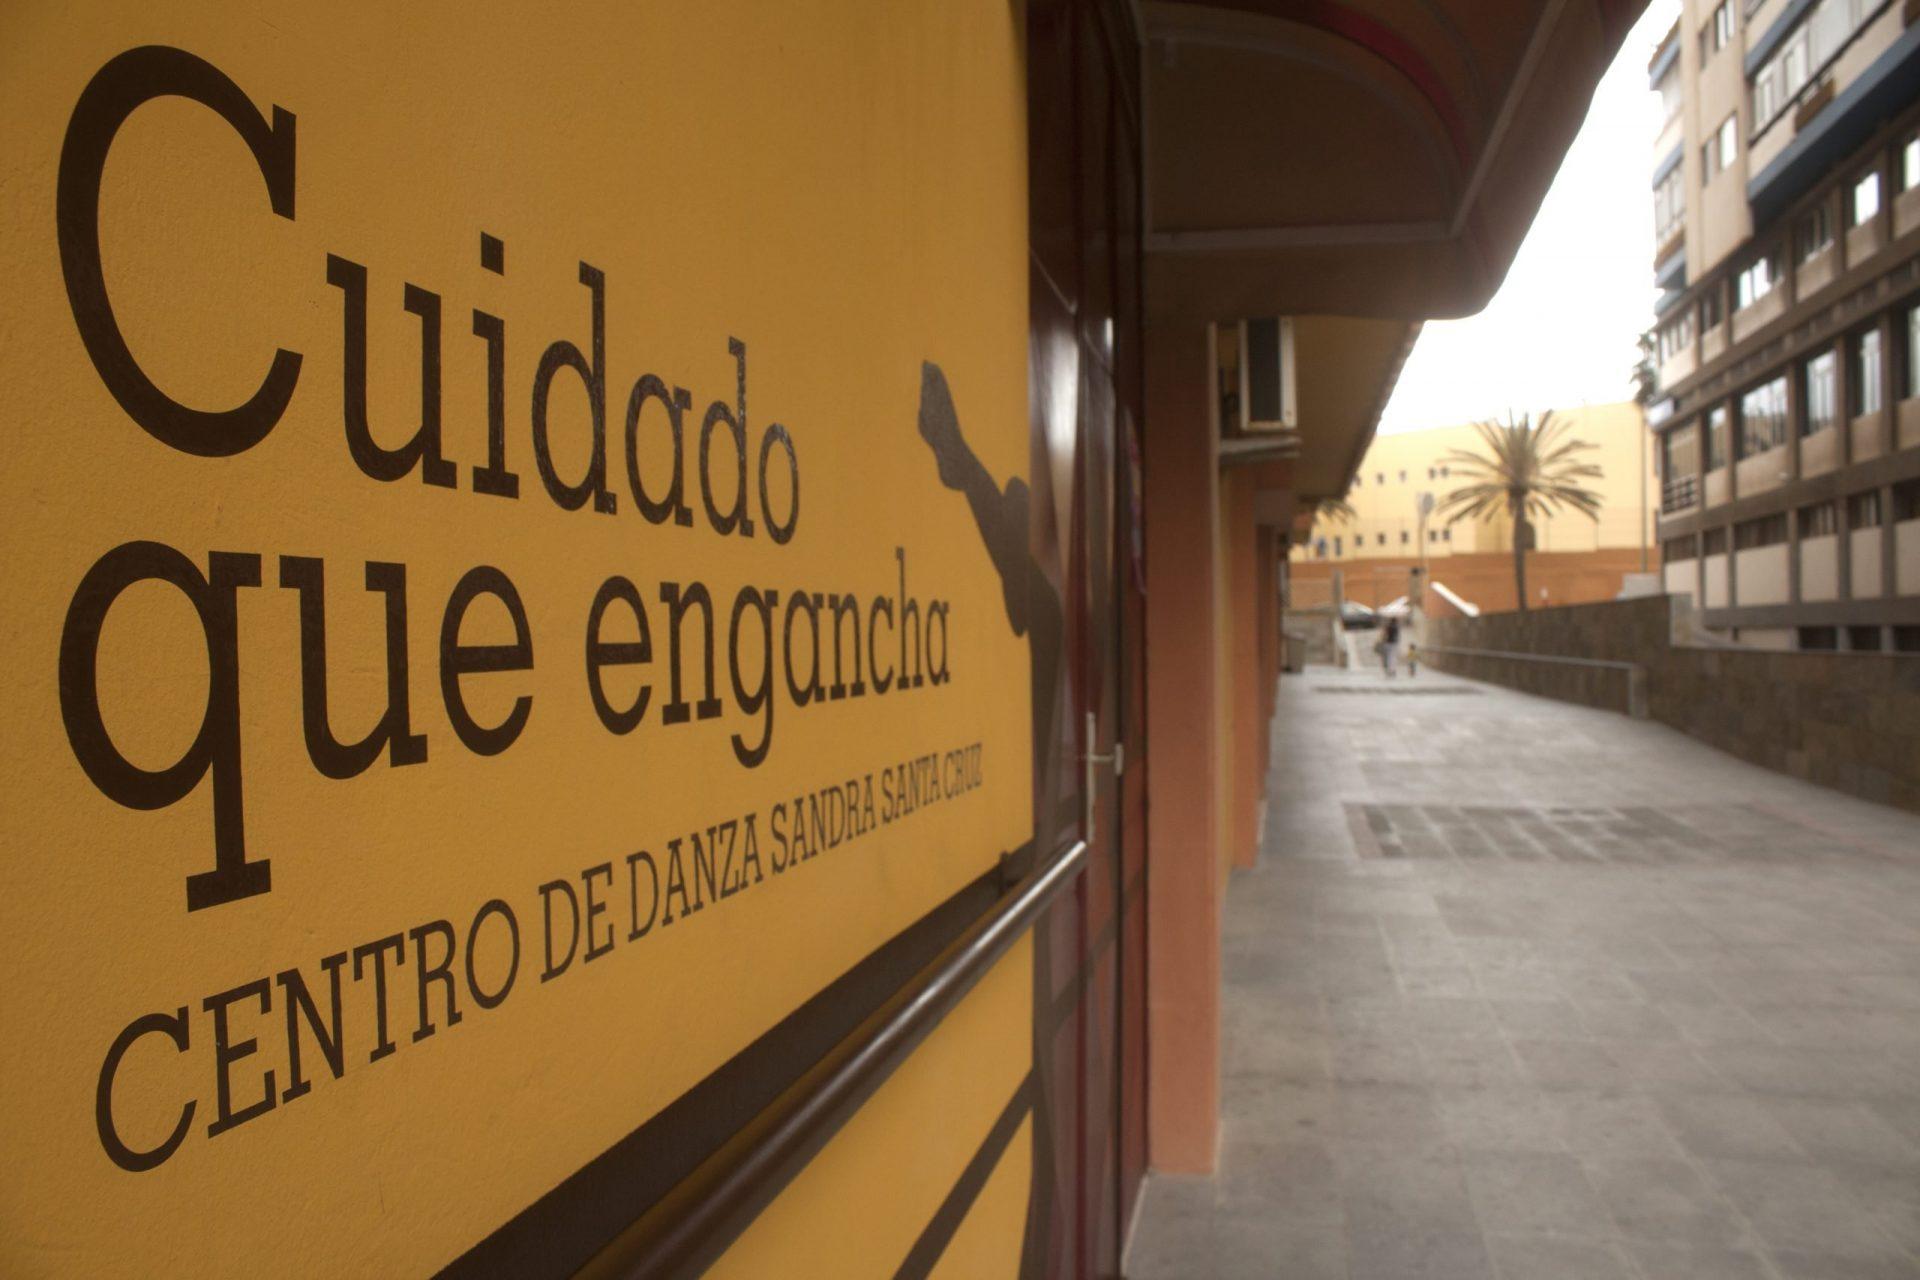 foto de la entrada del Centro de Danza Sandra Santa Cruz donde se aprecia la barra que está puesta en su fachada con unos bailarines y la frase: